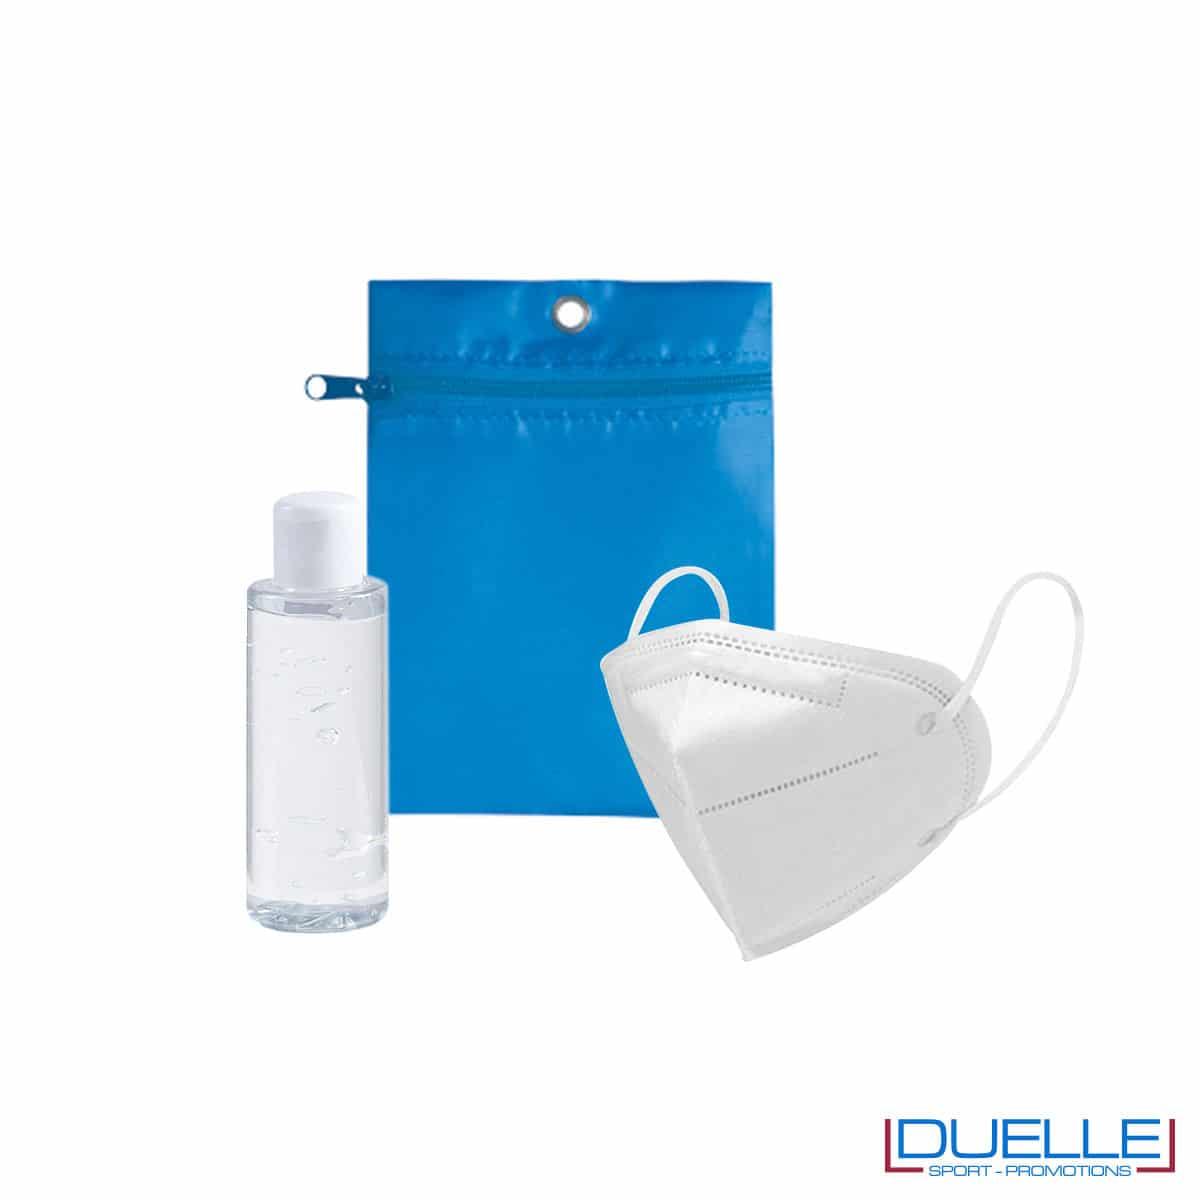 Set da viaggio igienizzante con bustina colore azzurra personalizzata